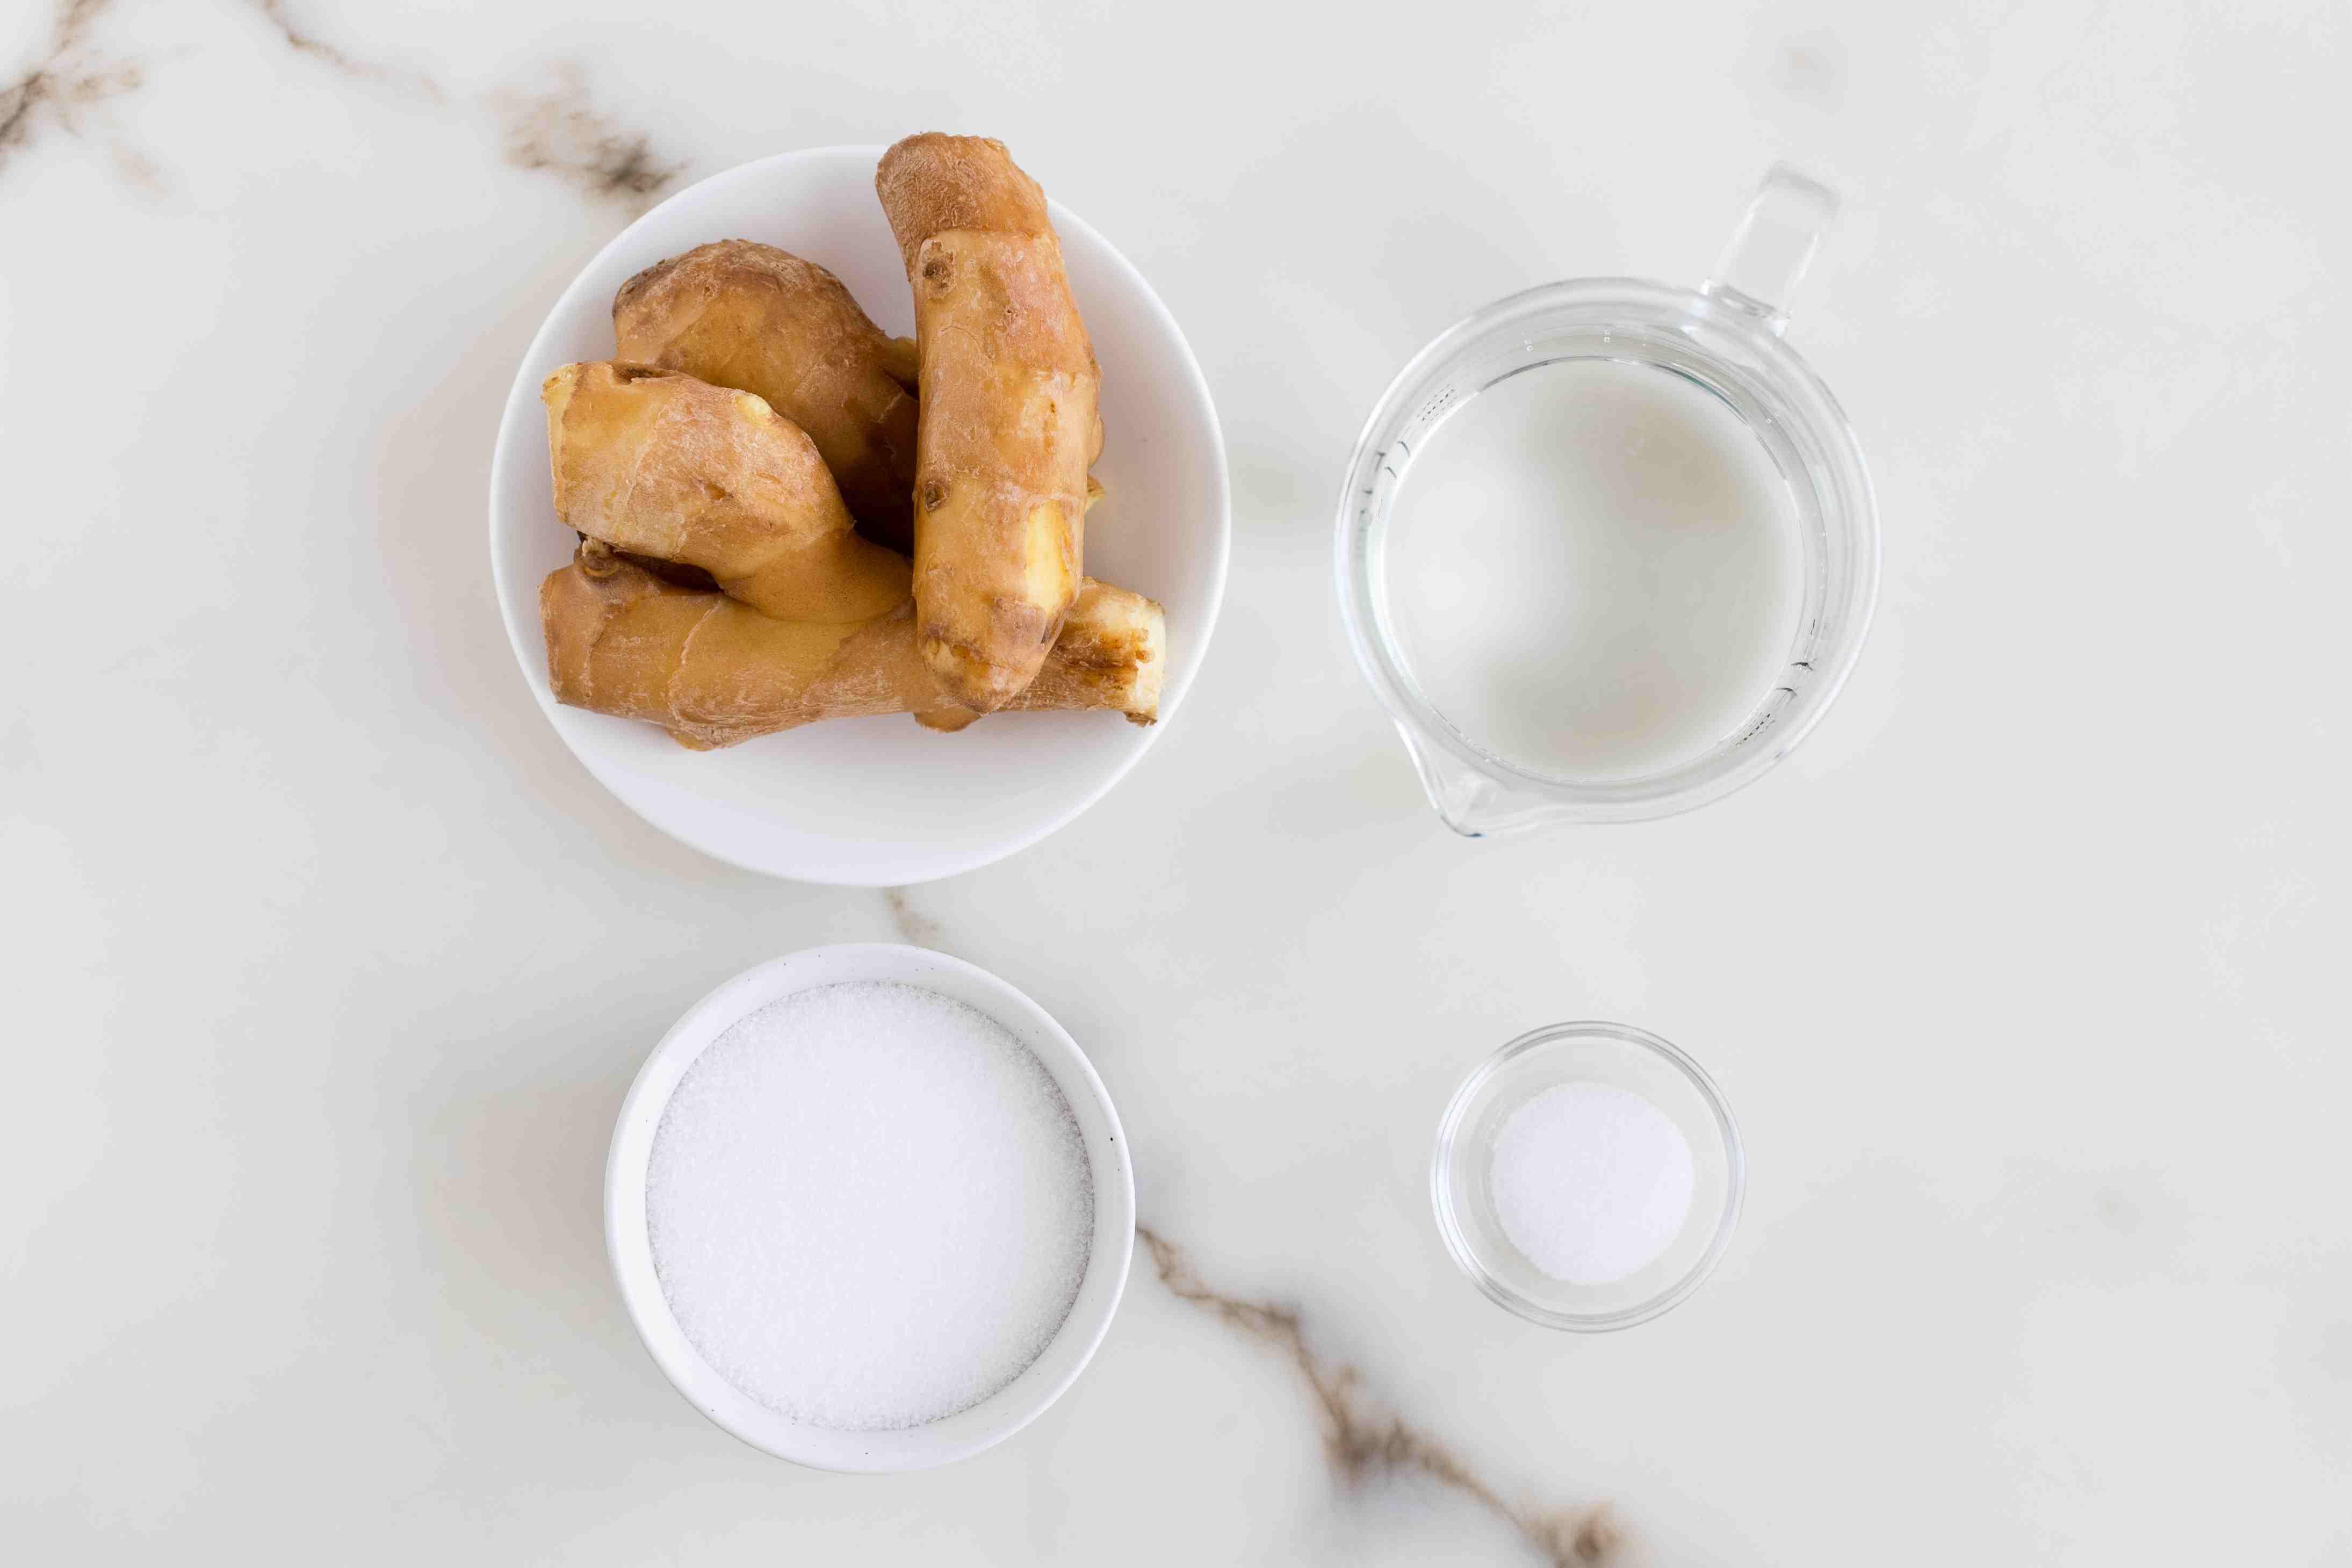 Ingredients for pickled ginger